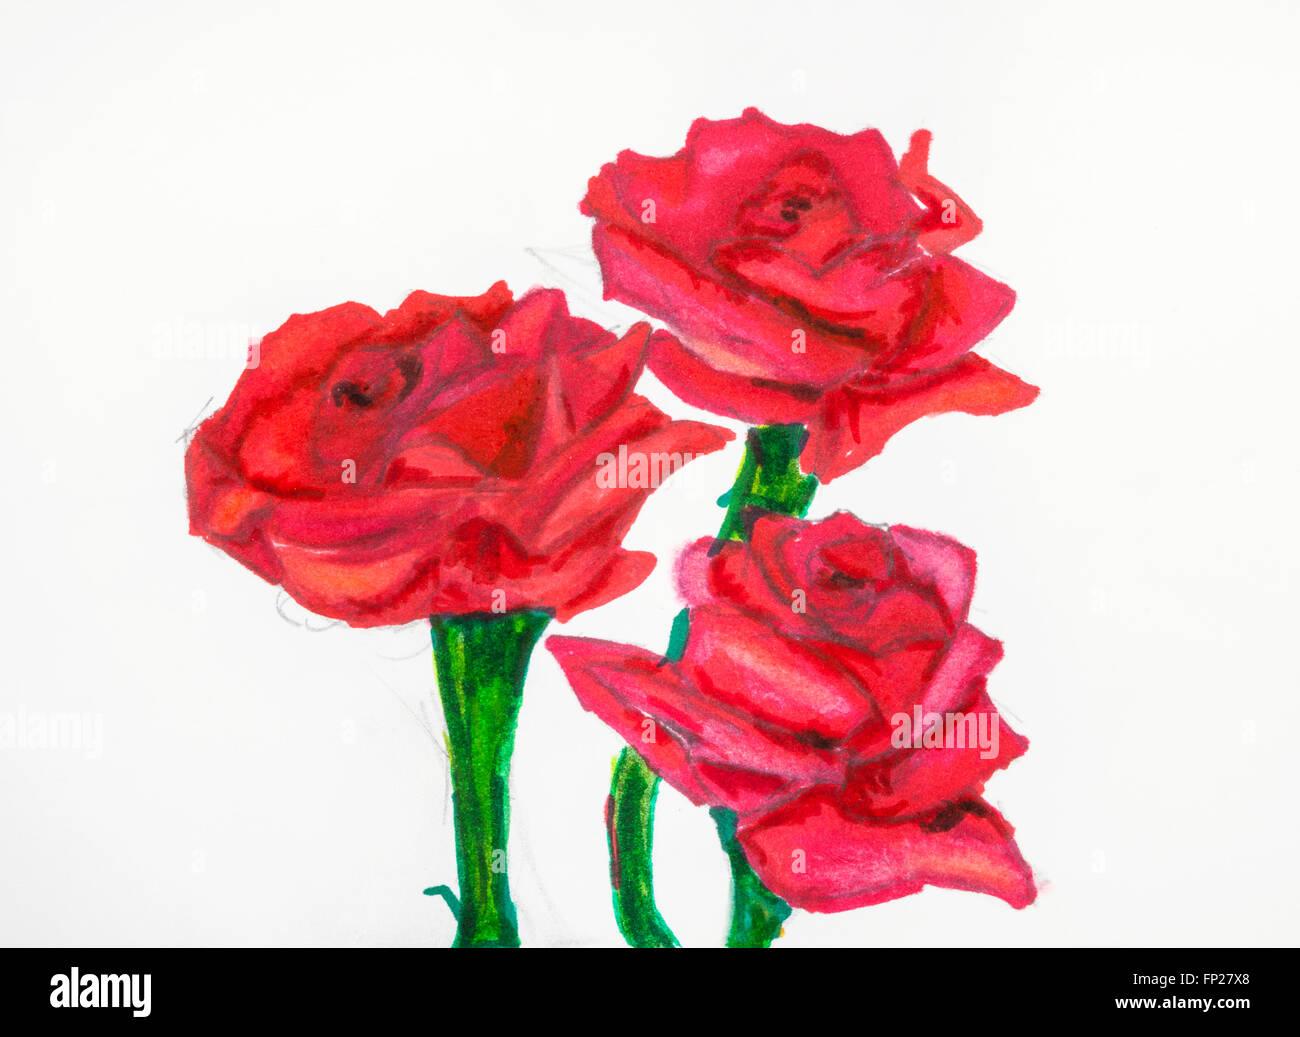 Dessin A La Main Trois Fleurs Rose Rouge Sur Les Tiges Vertes